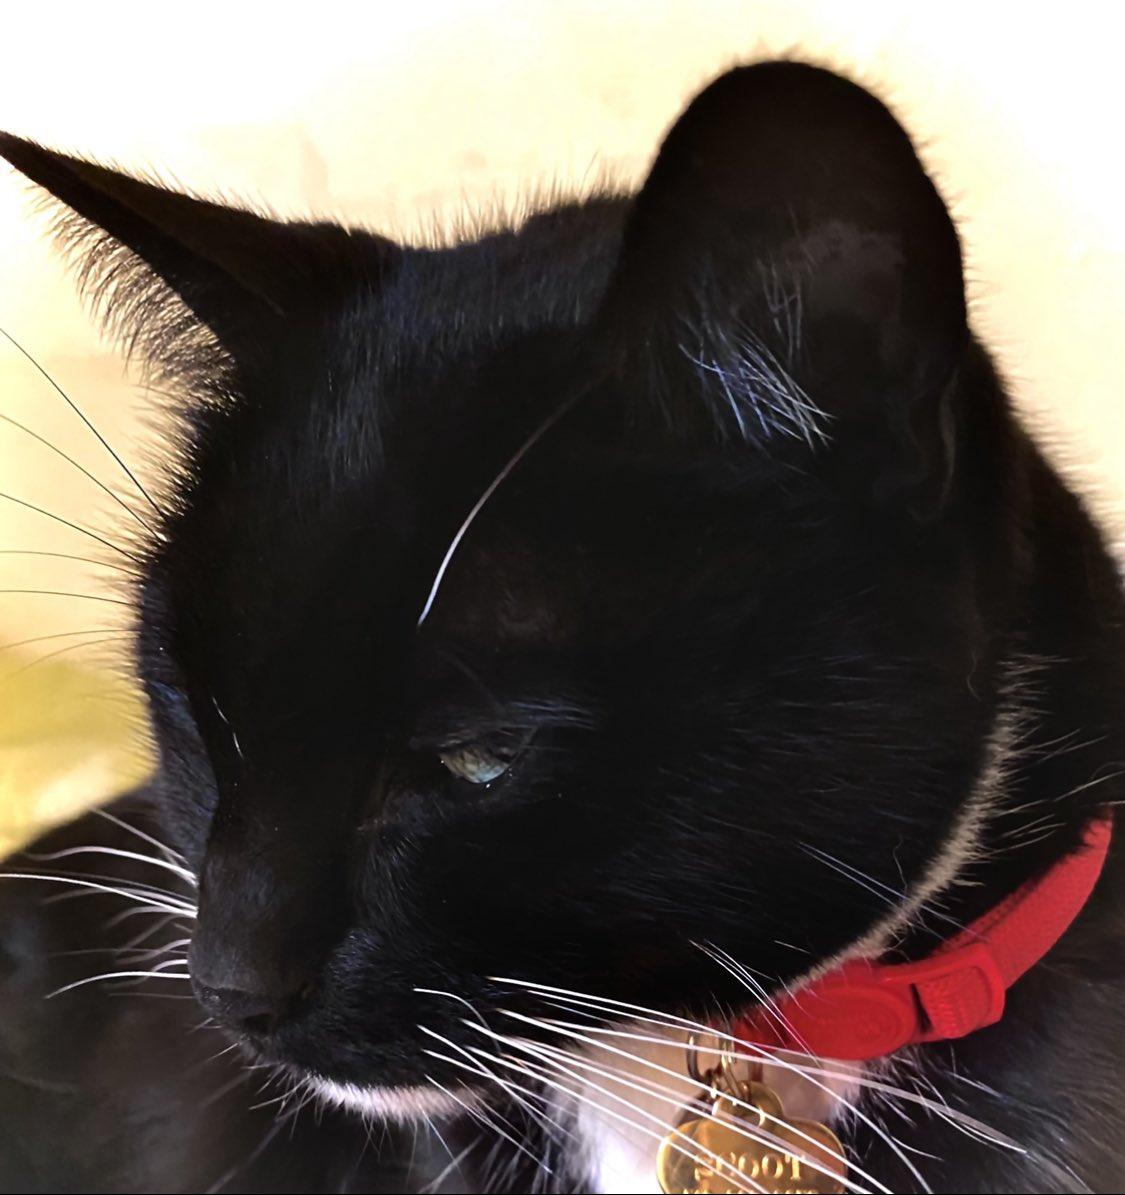 @wedge9986 @BitchestheCat @KellyannePolls @mtgreenee This Scoot is also supports #catsjudgingmarjorie